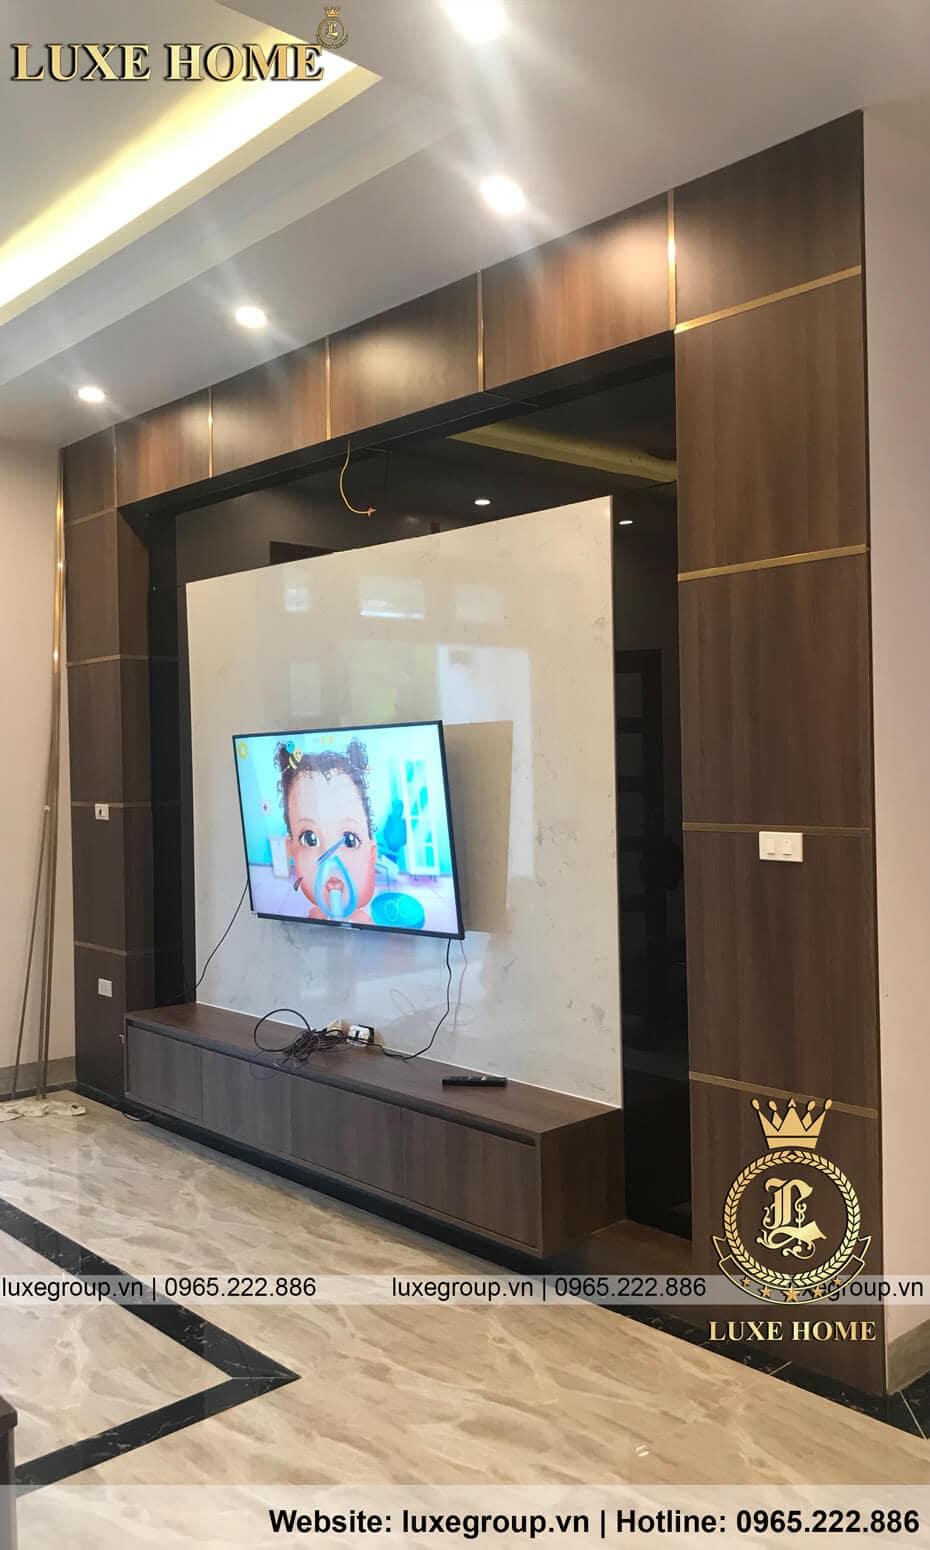 thiết kế nội thất phòng khách nt 2123 13